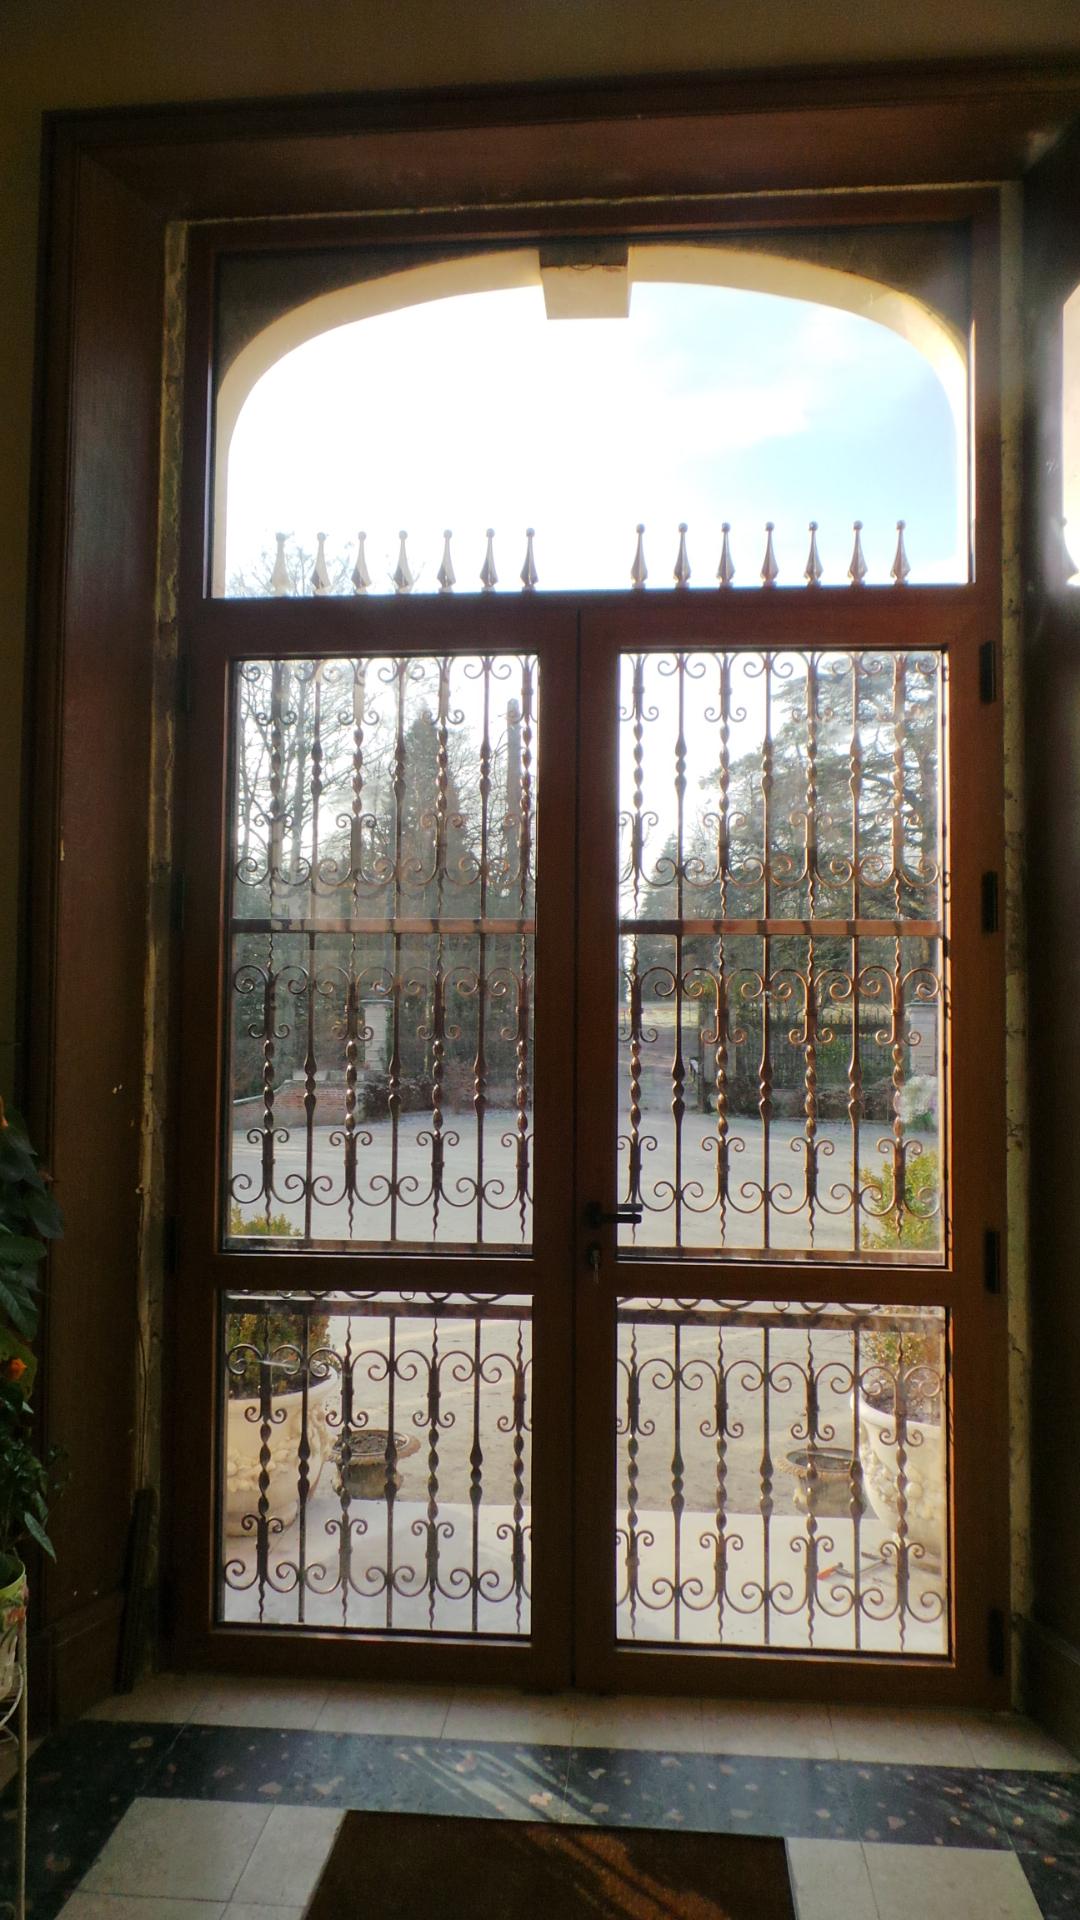 A la demande de notre client nous avons fabrique sur mesure une porte grille fer forge dimensions hauteur 3 m x 2m20 a  partir  de notre gamme de decors fer forge. Localisation Sologne